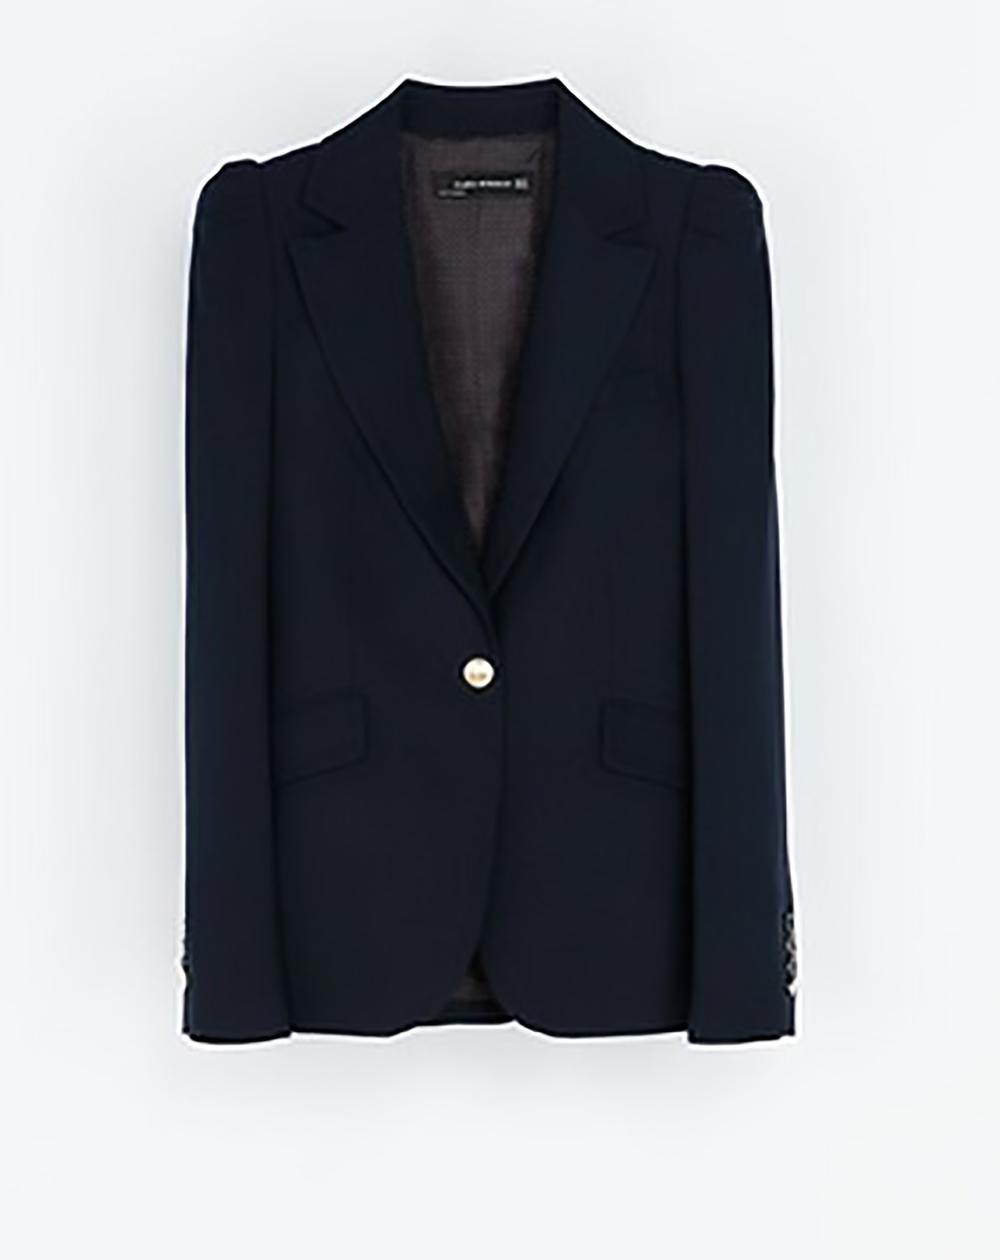 zara blazer with gathered shoulders blazers 1500.jpg